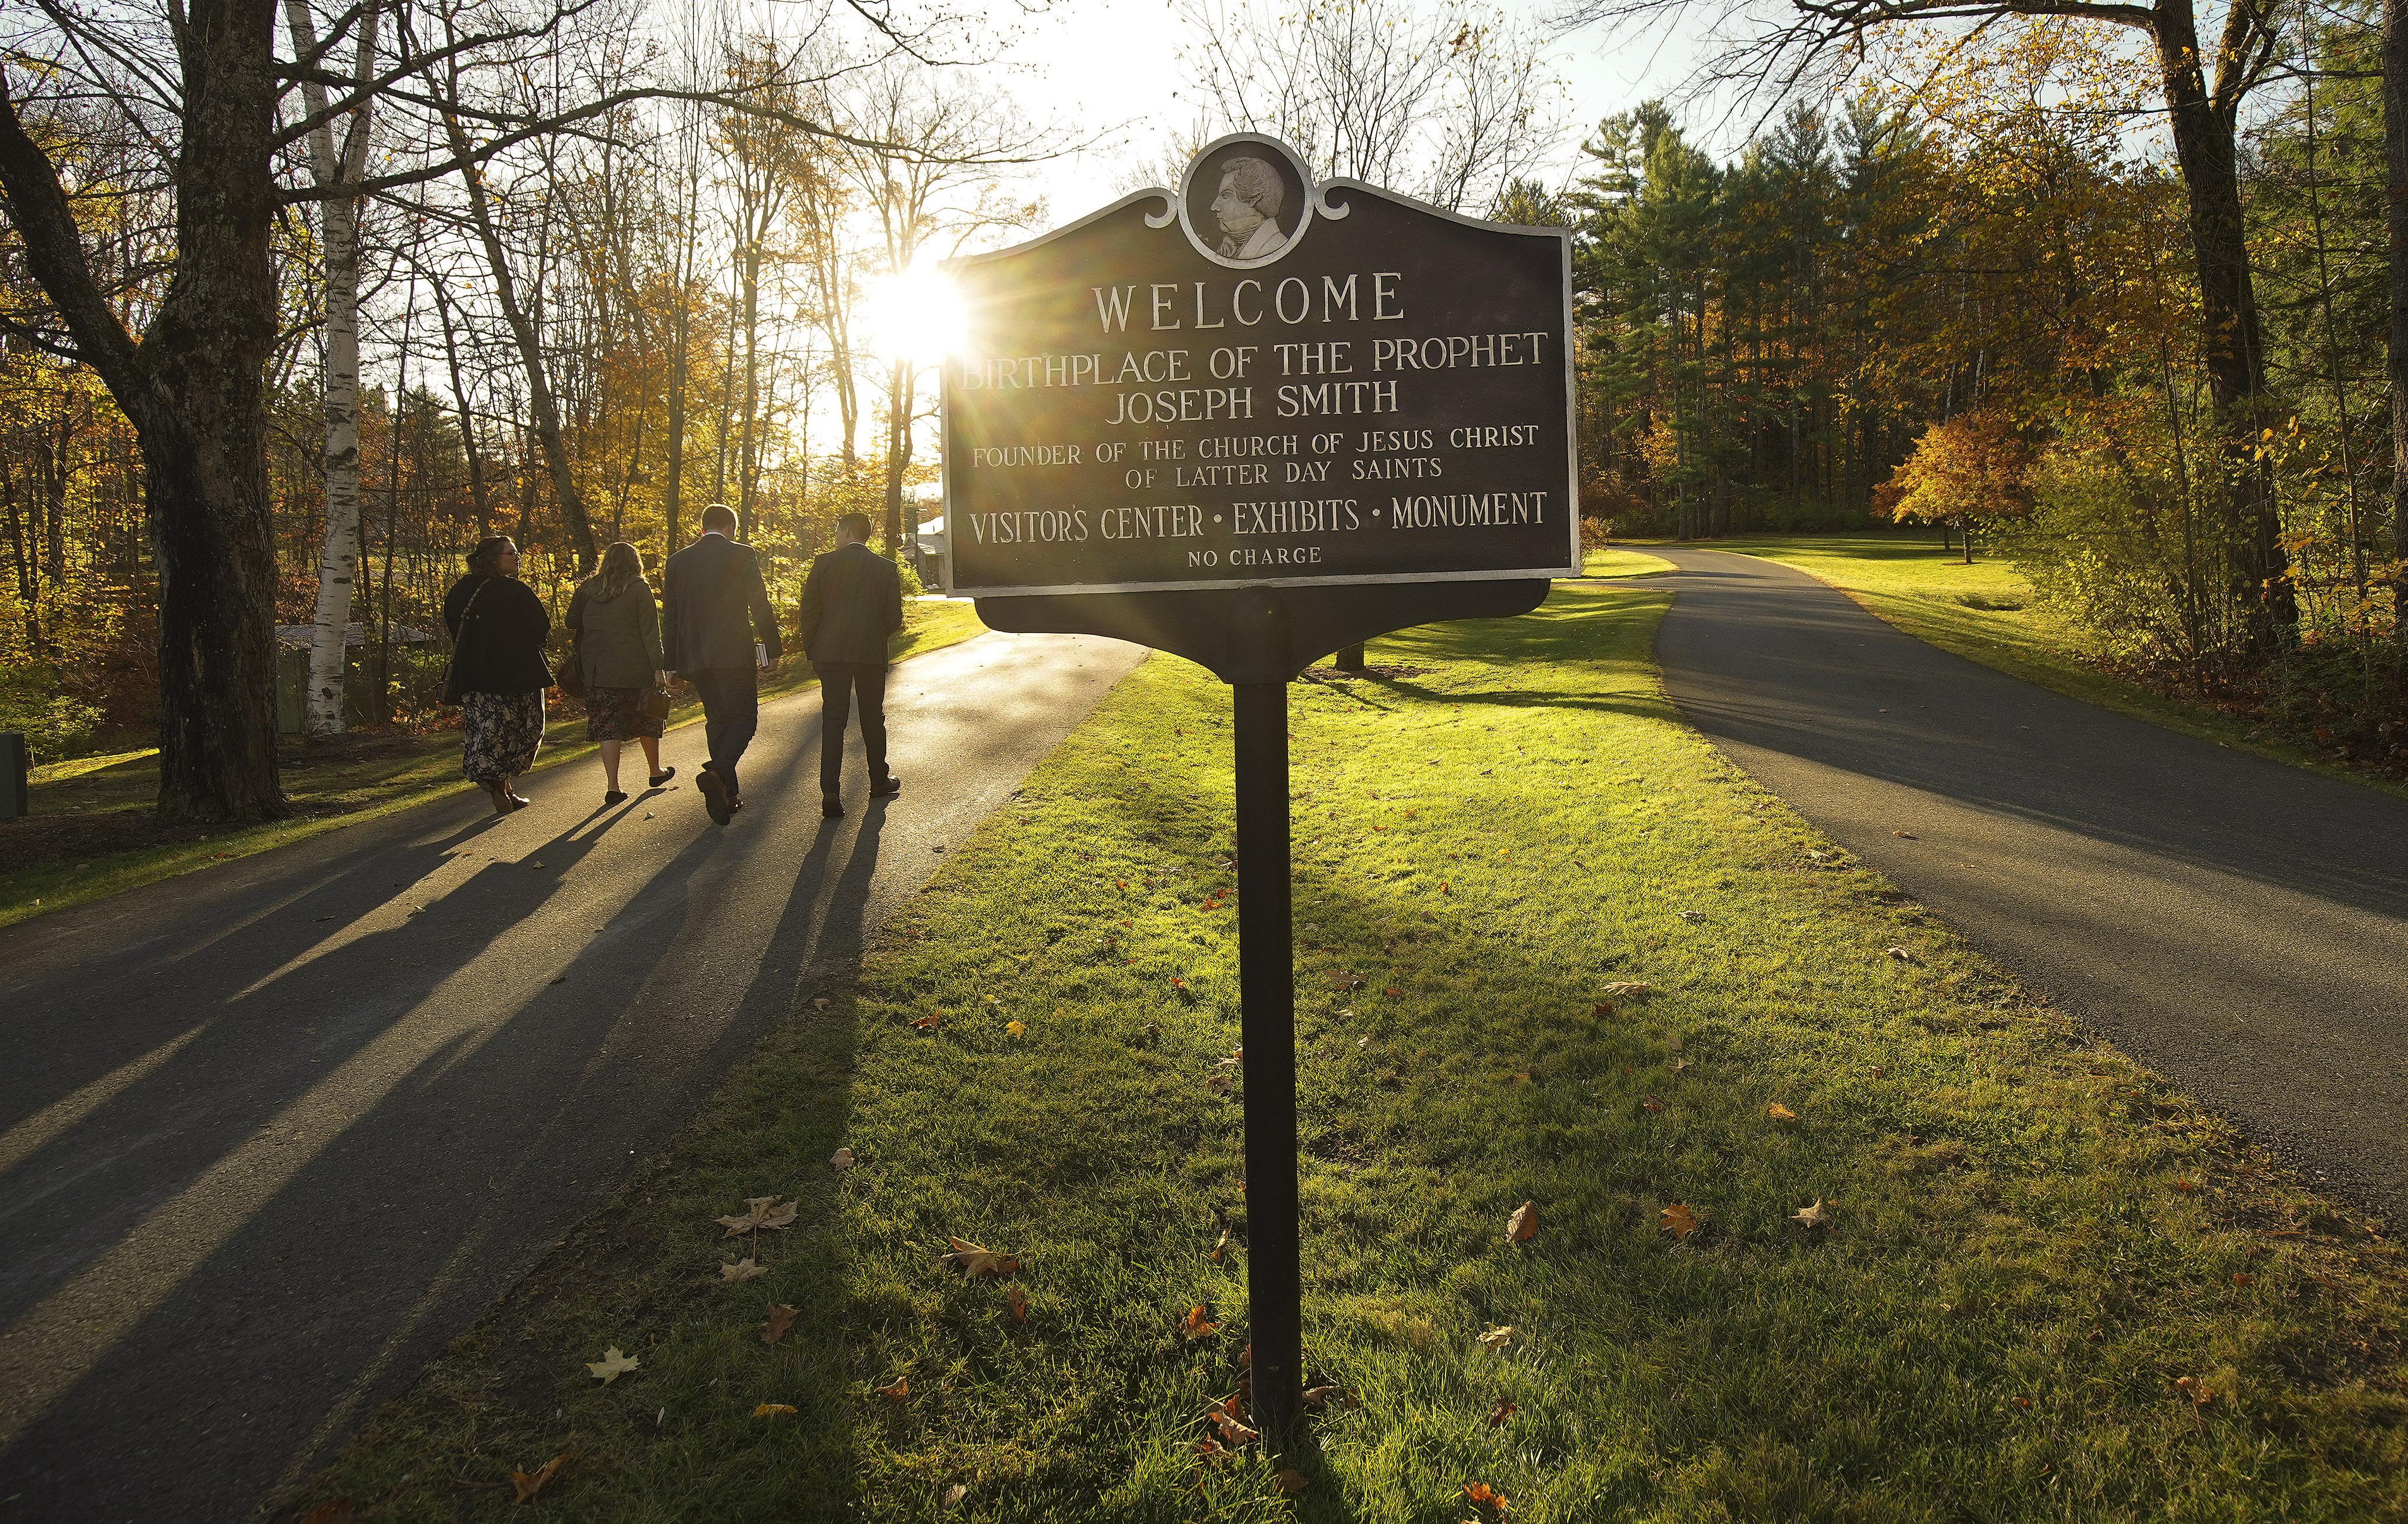 Missionários andam para reunião no Memorial do Local de Nascimento de Joseph Smith em Sharon, Vermont, no sábado, dia 19 de outubro, 2019.